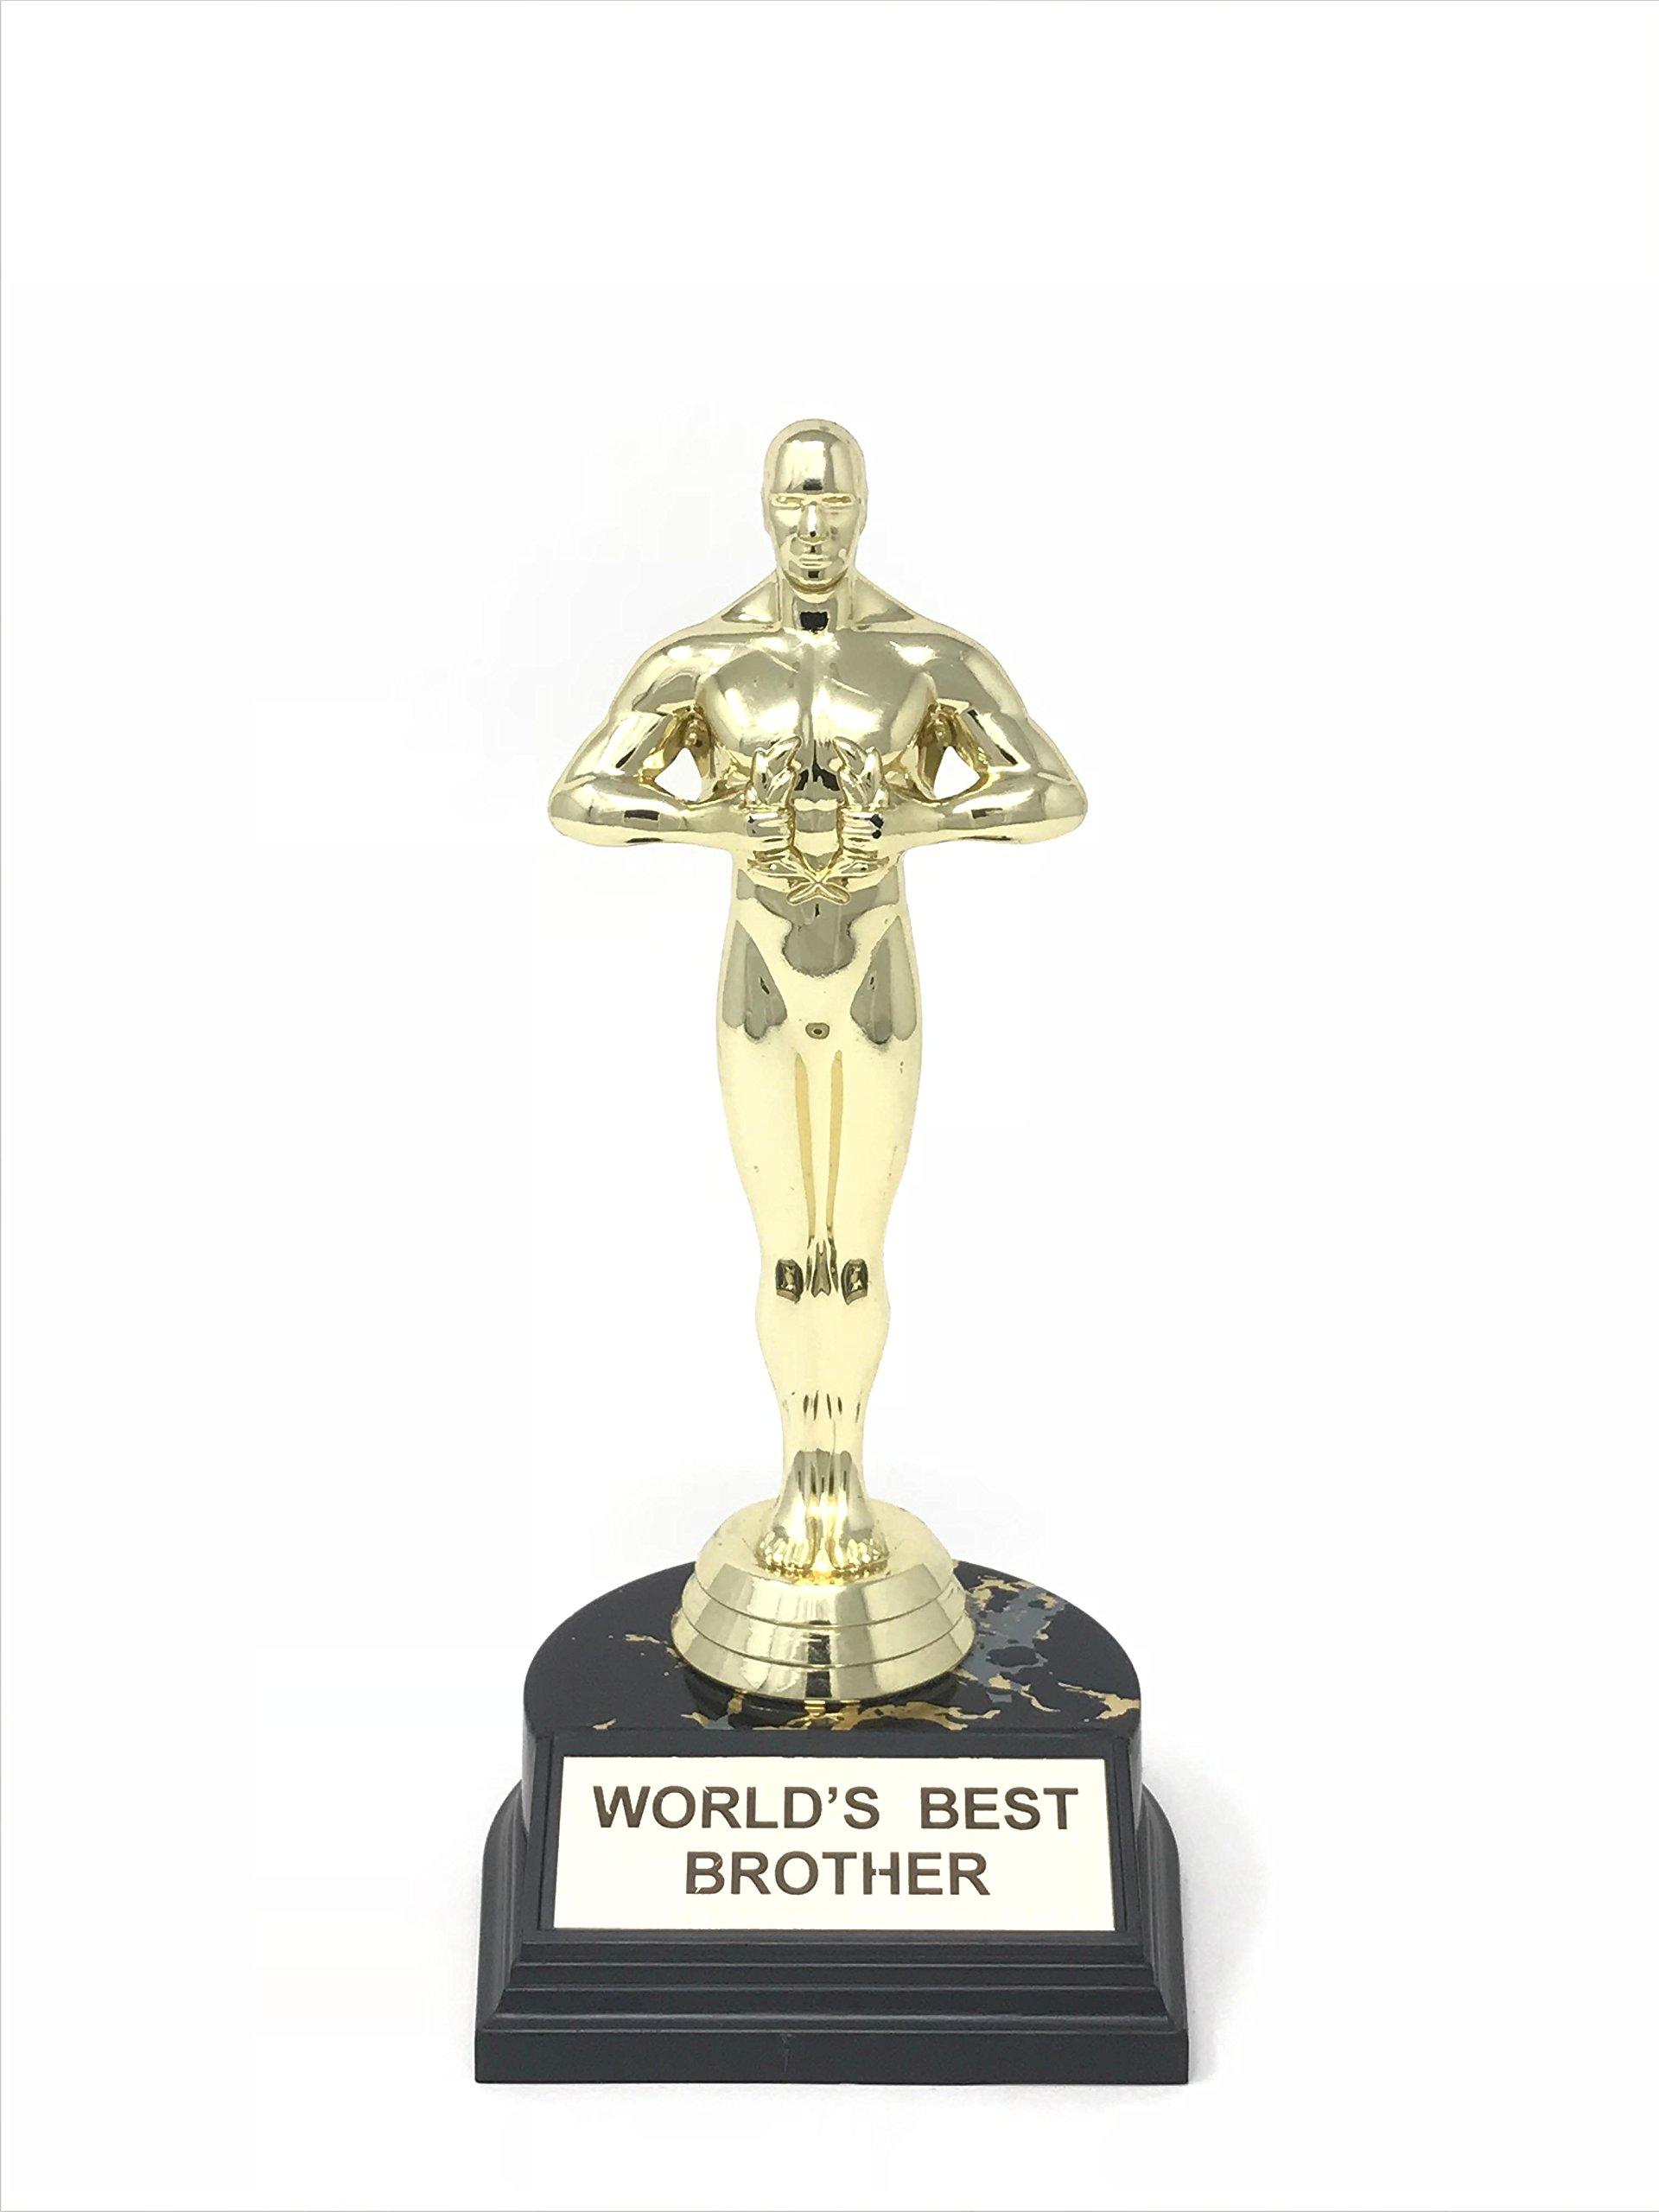 BEGUM9 Worlds Best Brother Trophy 7